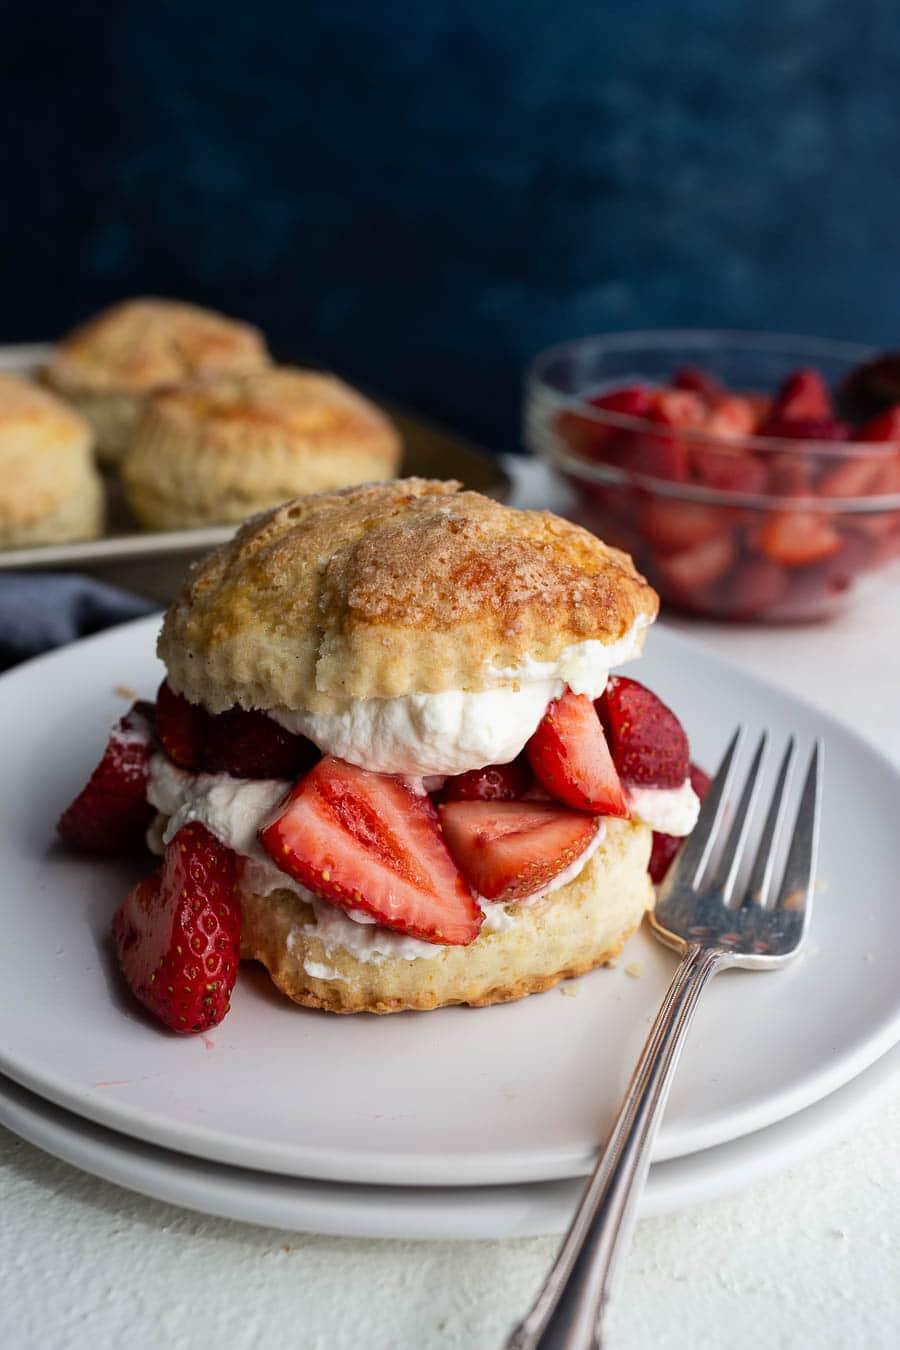 Strawberry Shortcake with Buttermilk Vanilla Bean Biscuits